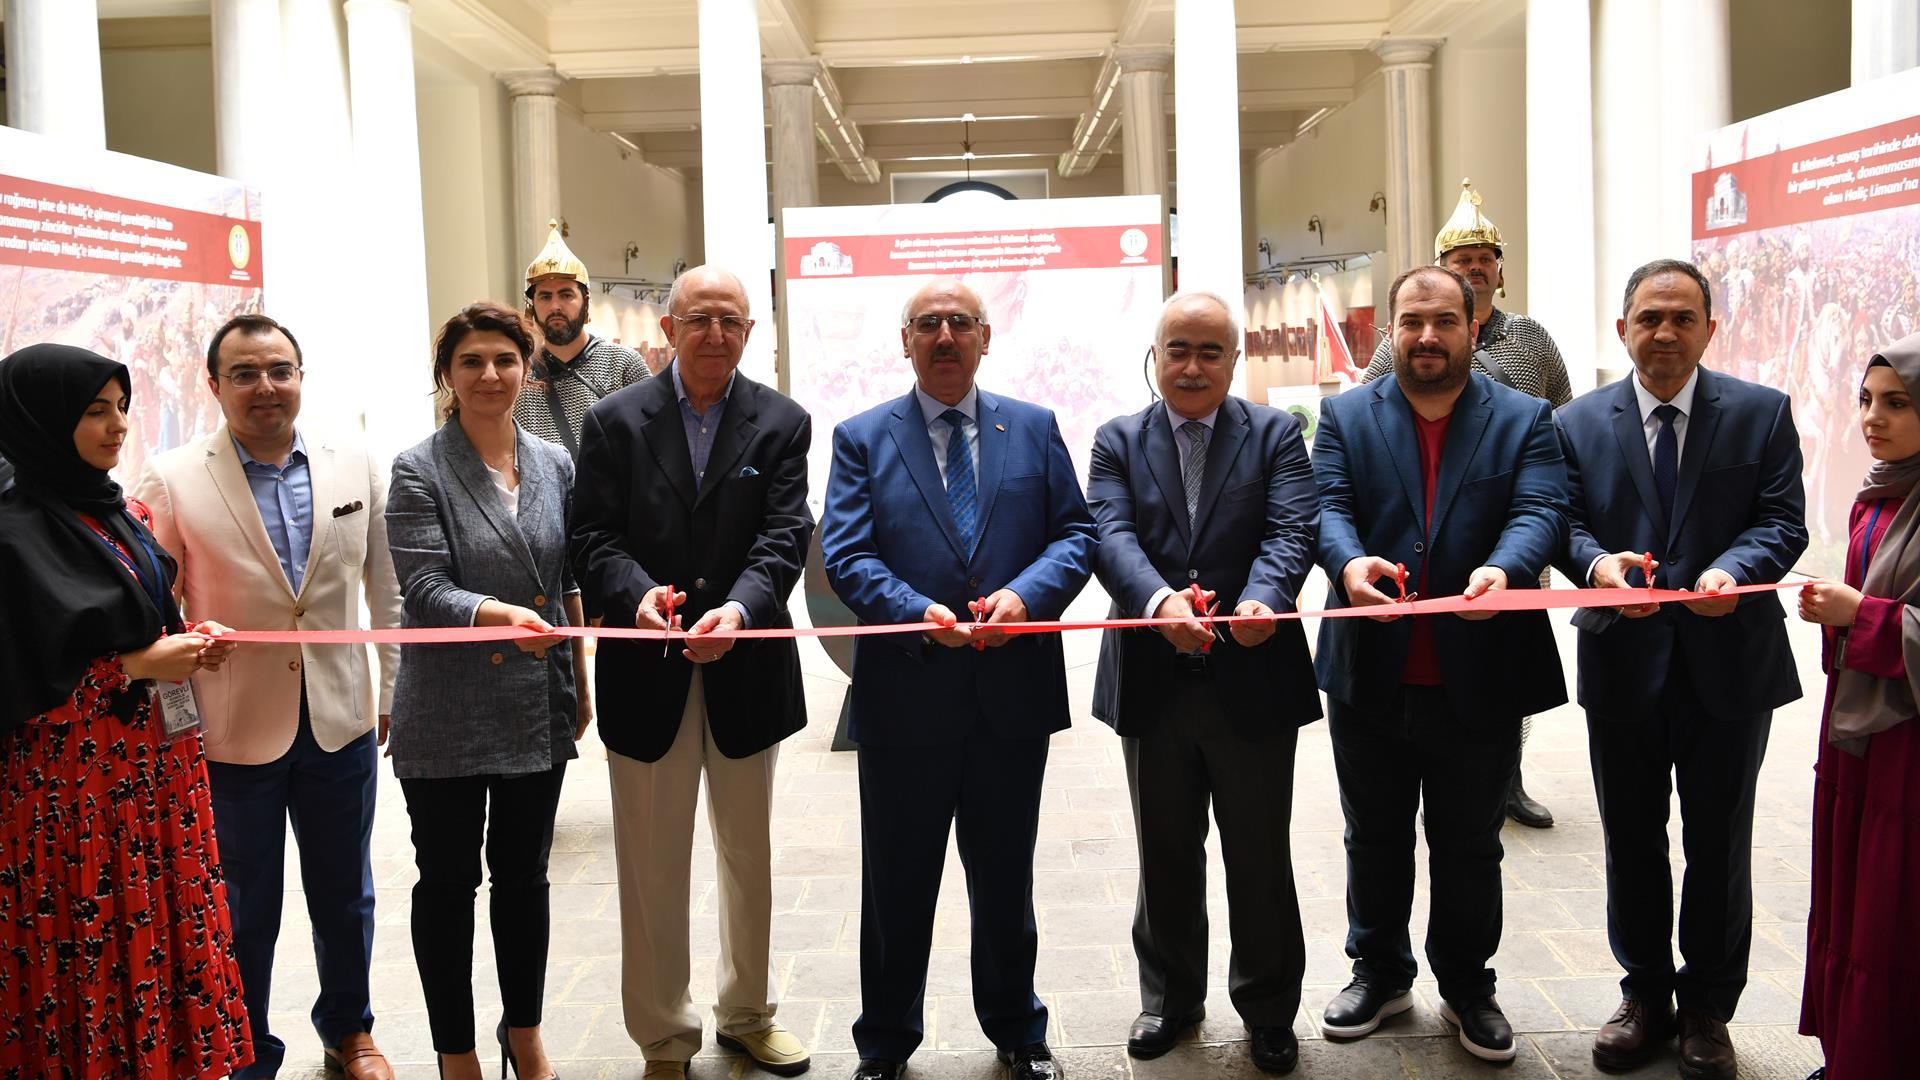 İstanbul'un-Fethi-Sergisi-İstanbul-Üniversitesi'nde-Açıldı